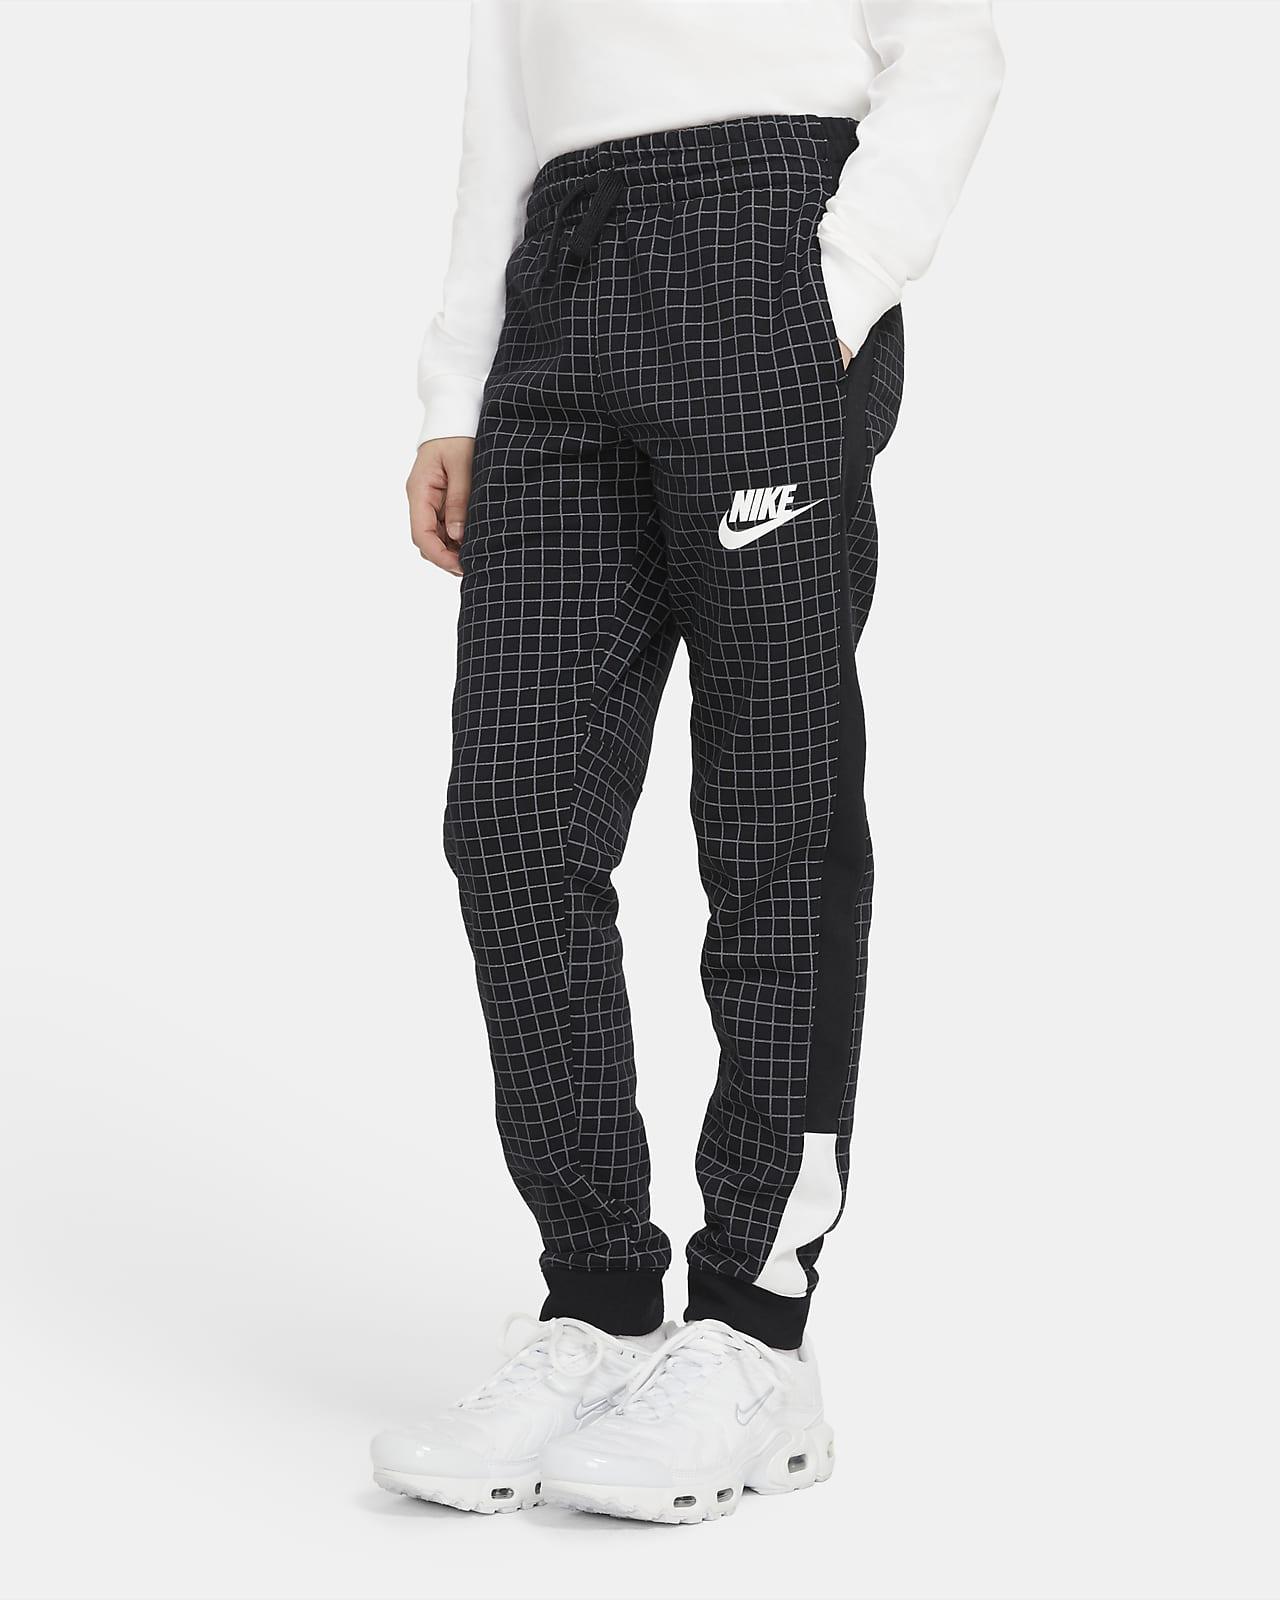 Flísové kalhoty Nike Sportswear pro větší děti (chlapce)